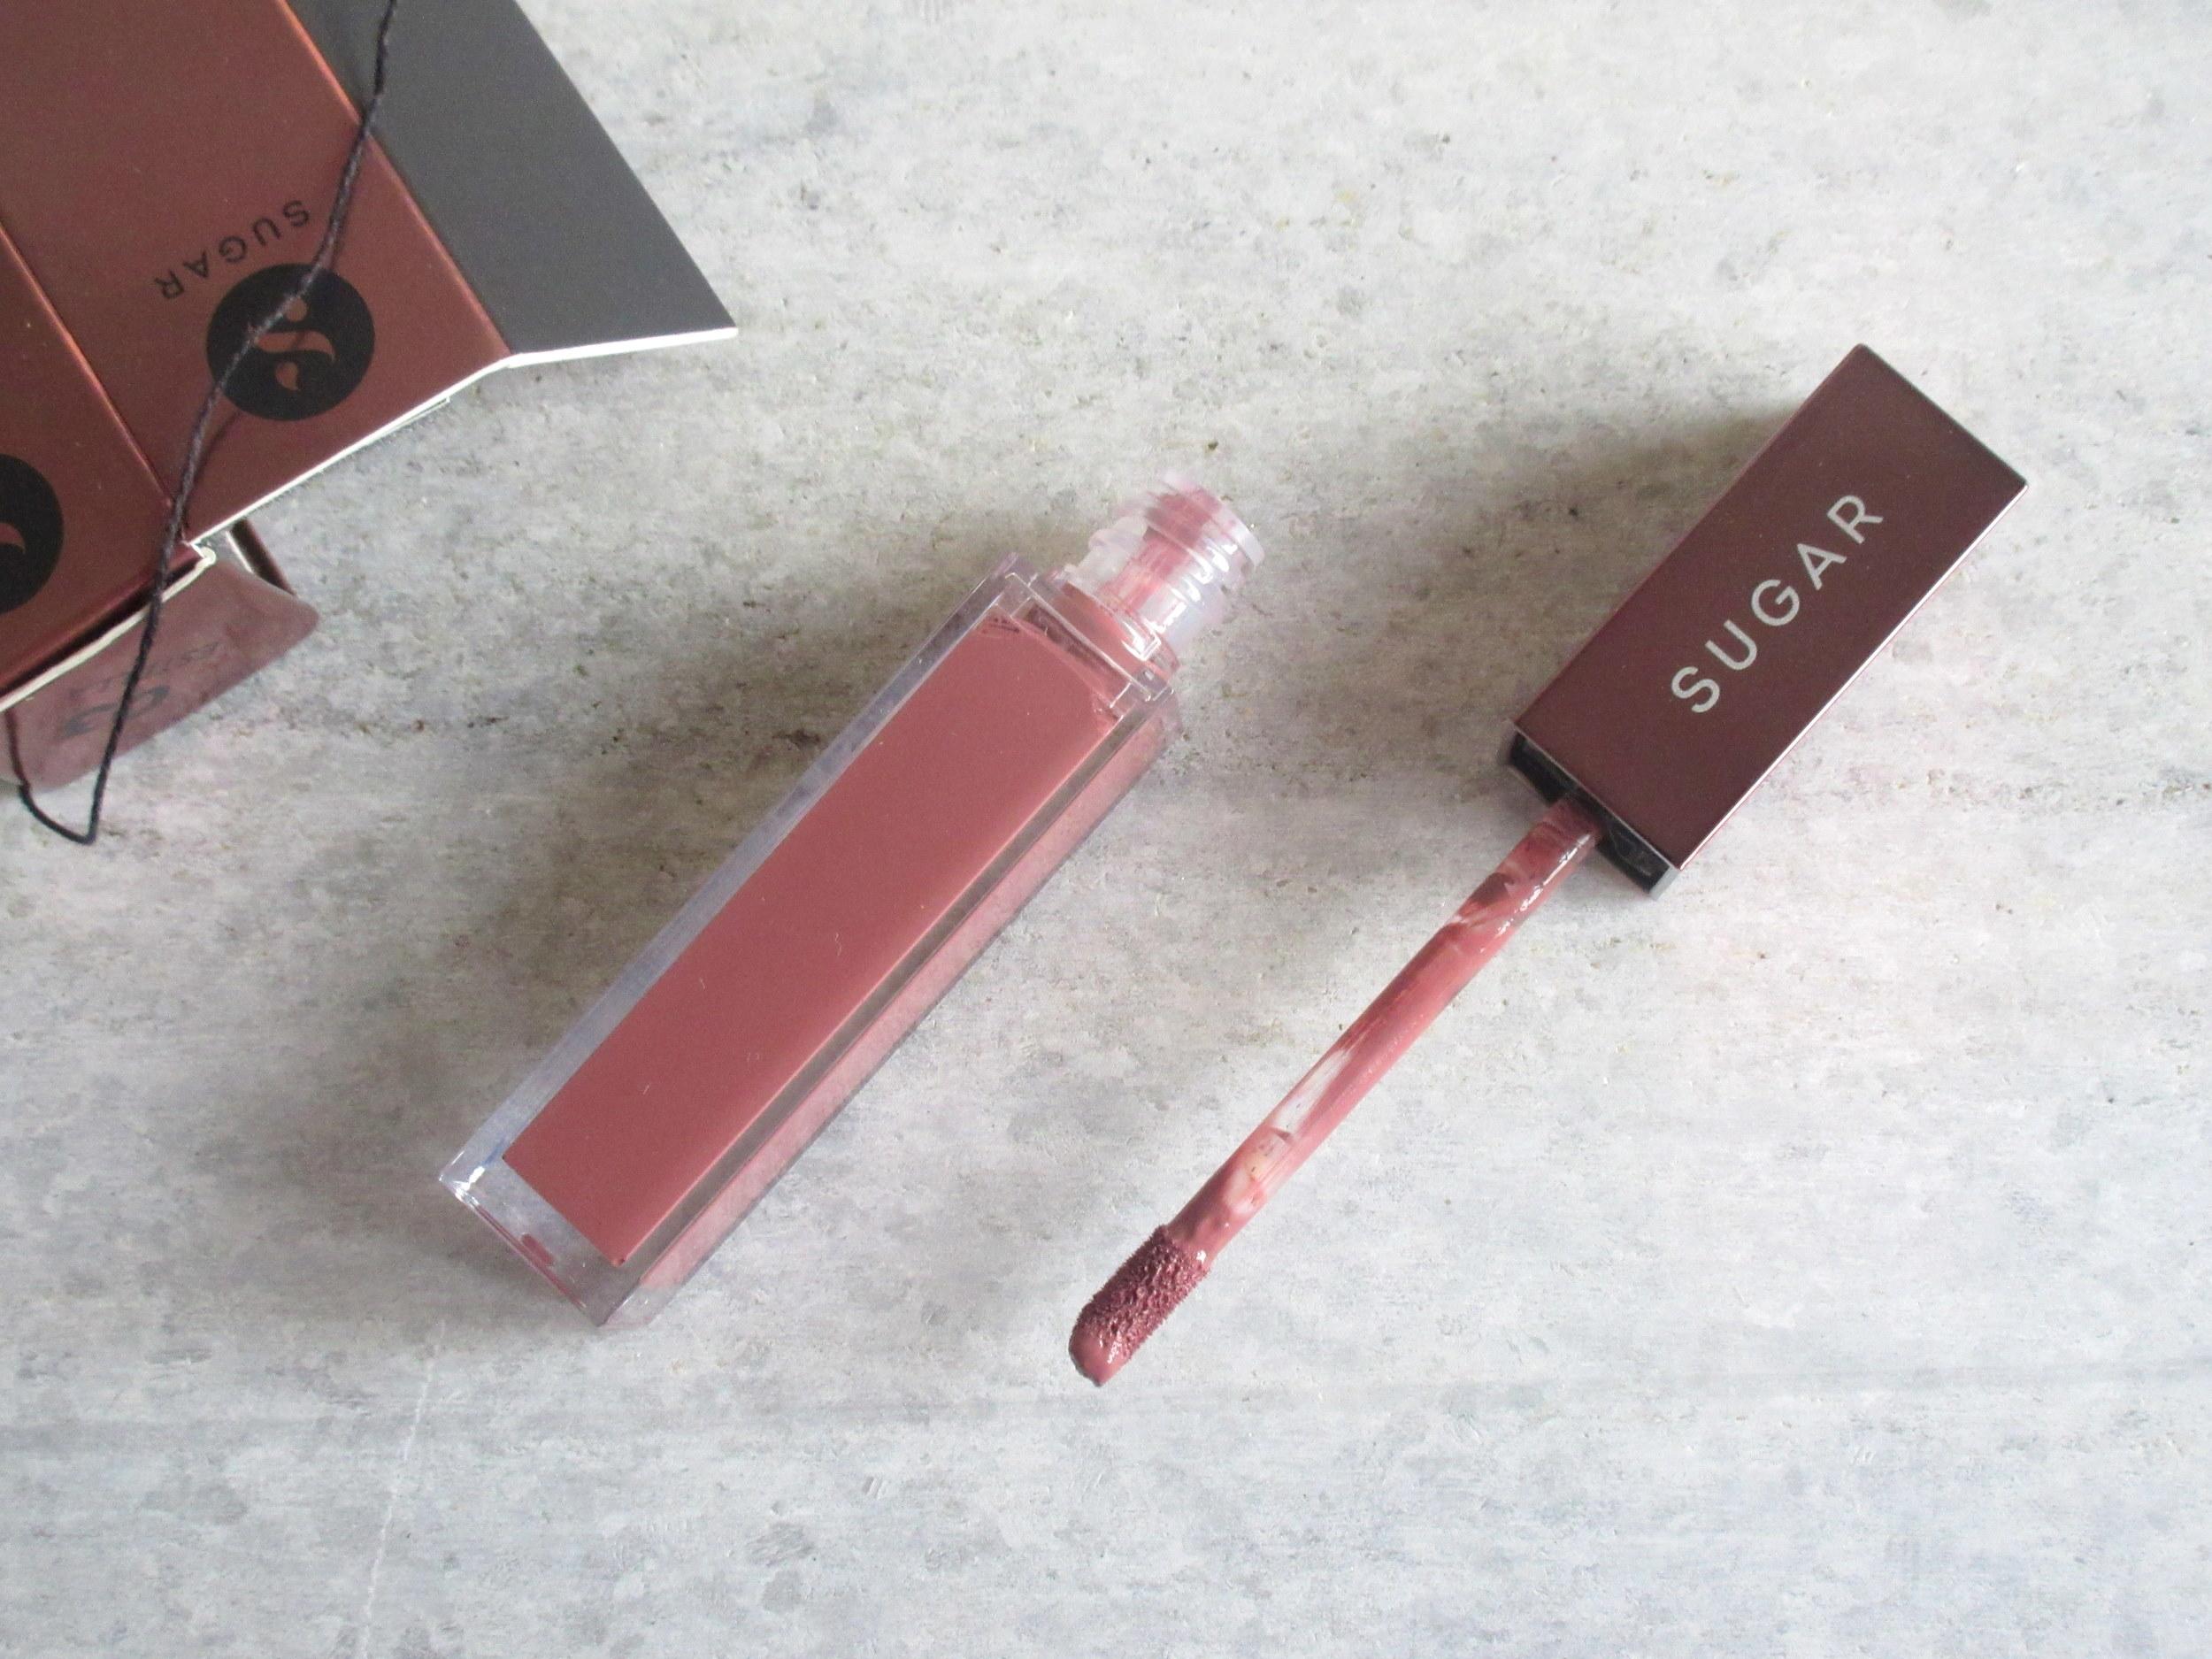 Sugar Mettle Liquid Lipstick in 03 Estella, sugar mettle lipstick